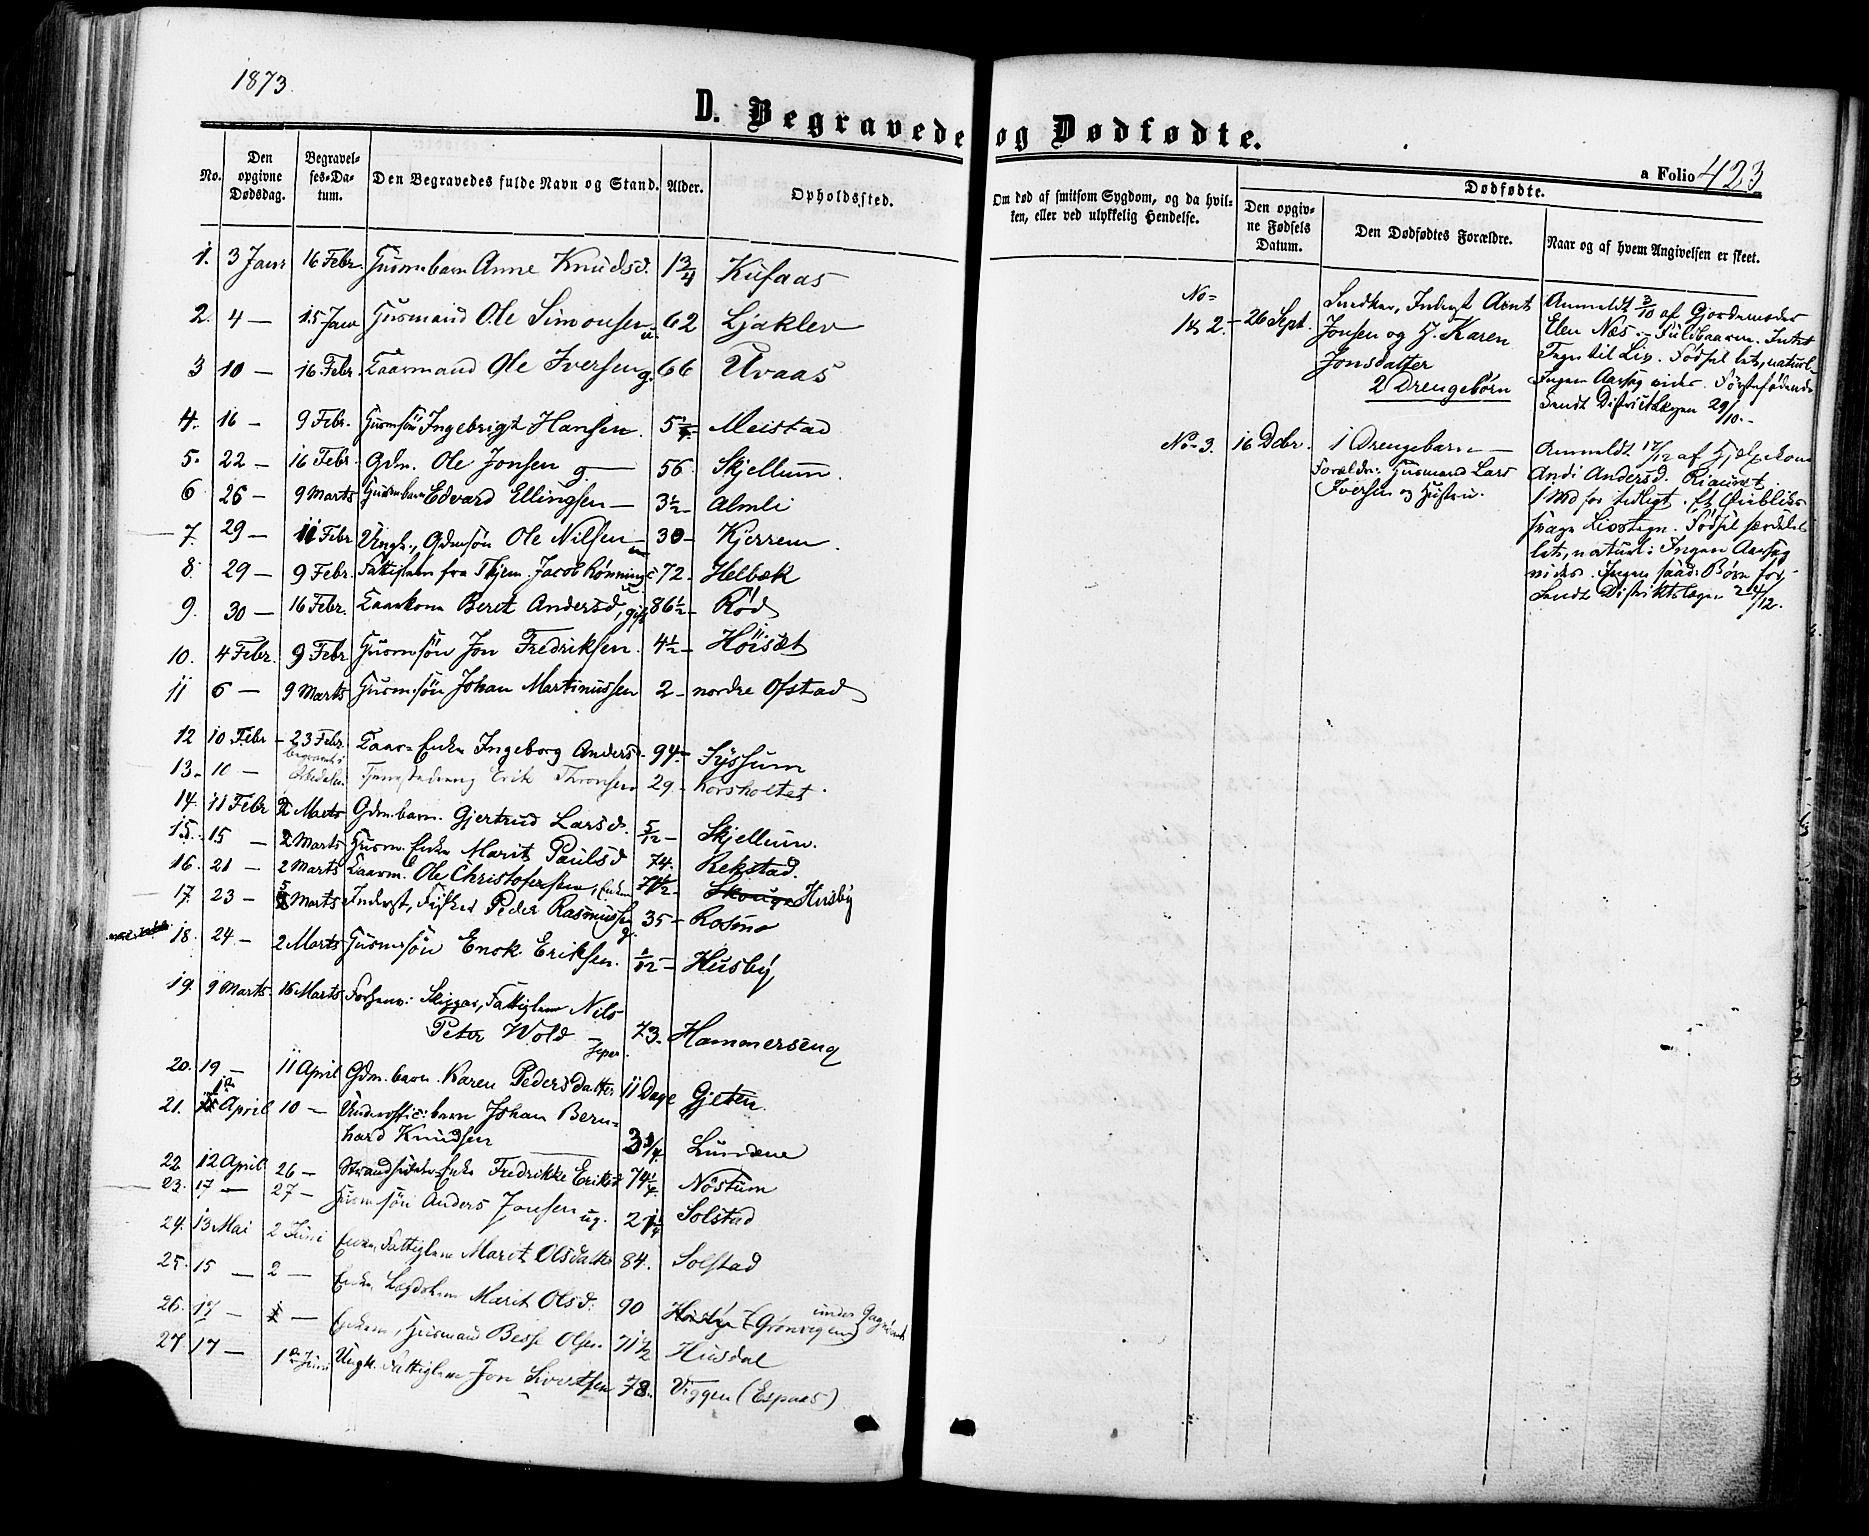 SAT, Ministerialprotokoller, klokkerbøker og fødselsregistre - Sør-Trøndelag, 665/L0772: Ministerialbok nr. 665A07, 1856-1878, s. 423